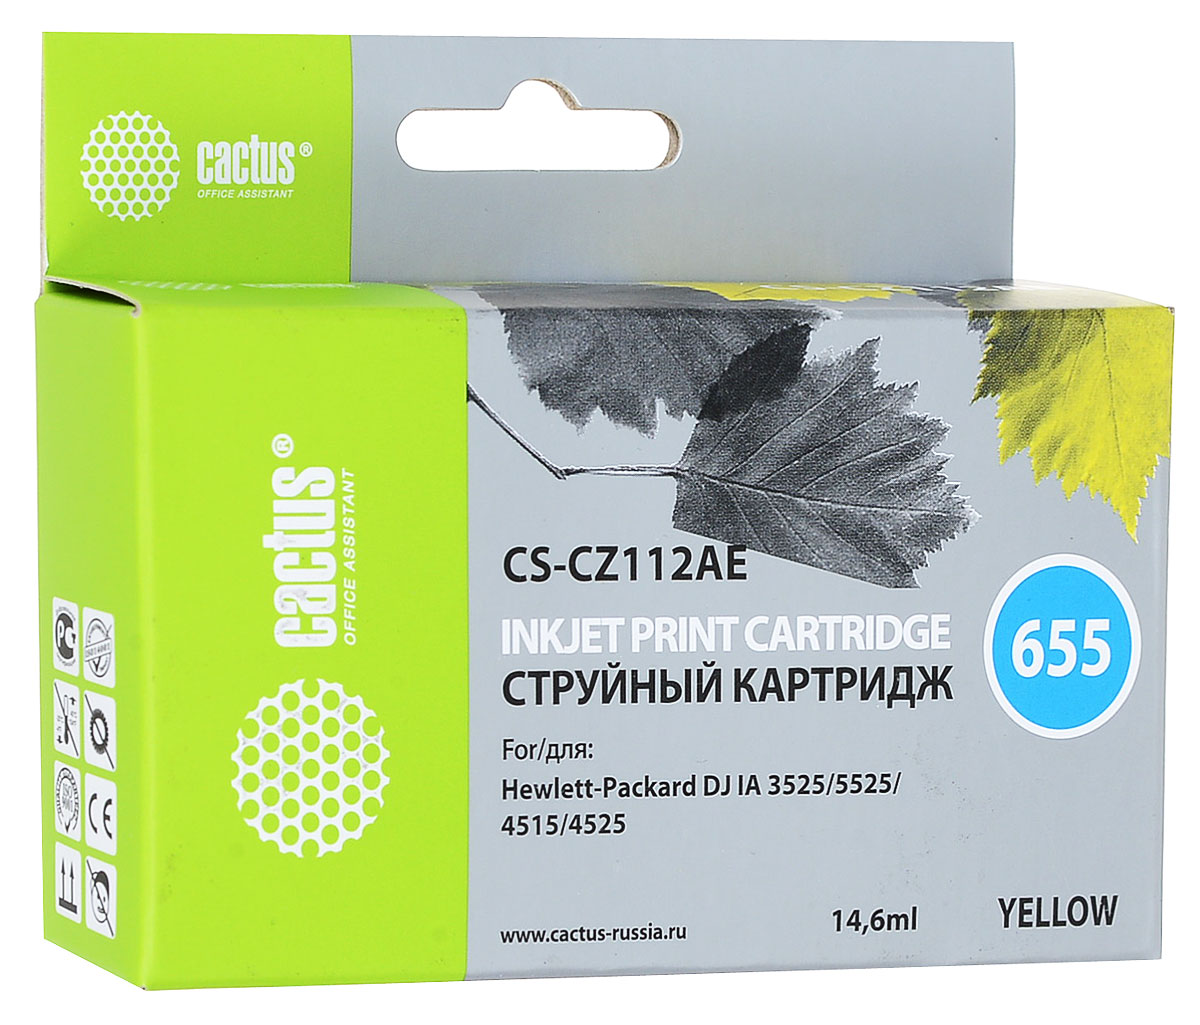 Cactus CS-CZ112AE, Yellow струйный картридж для принтеров HP DJ IA 3525/5525/4515/4525 картридж hp cz101ae 650 black для dj ia 2515